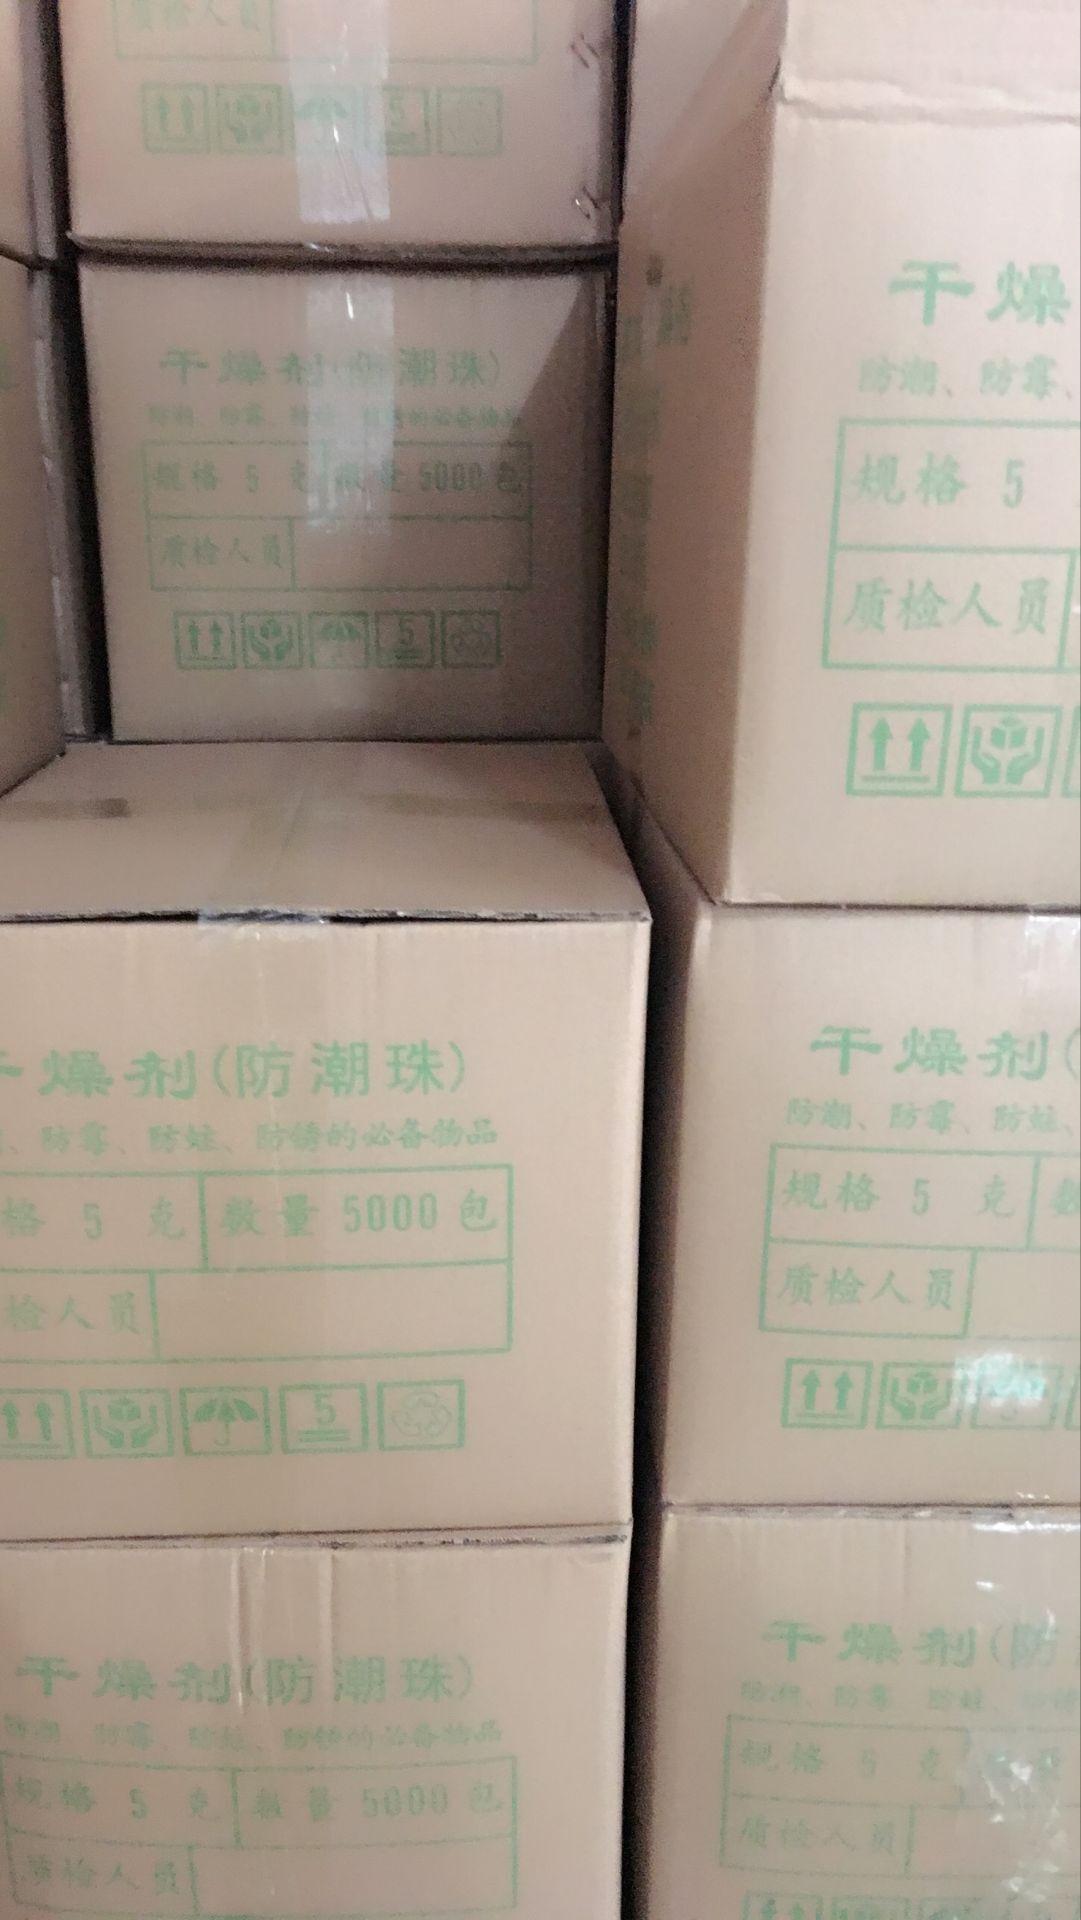 供应东莞干燥剂,东莞干燥剂价格,东莞优质干燥剂